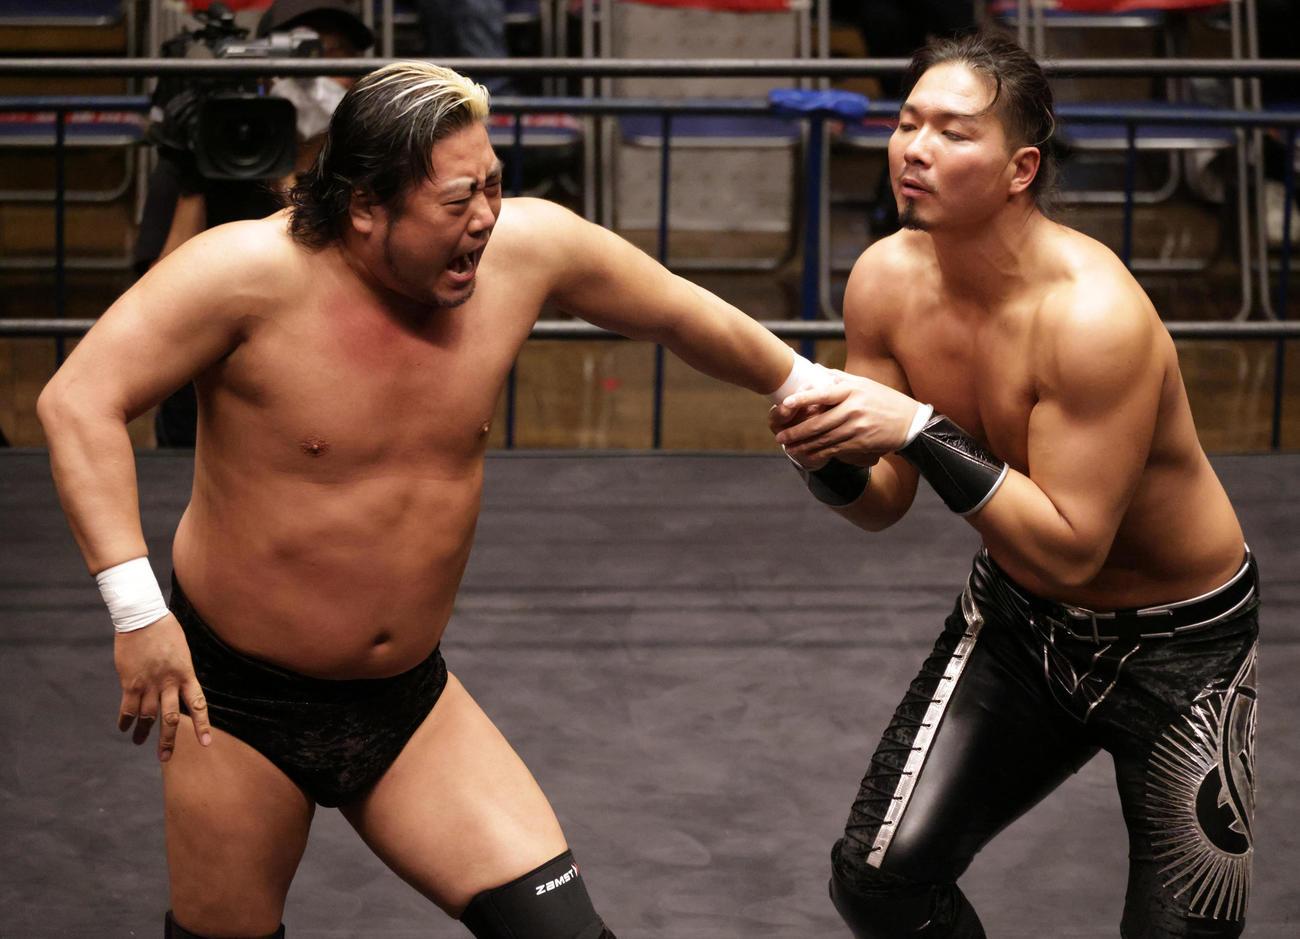 諏訪魔(左)の腕をきめるジェイク・リー(撮影・中島郁夫)